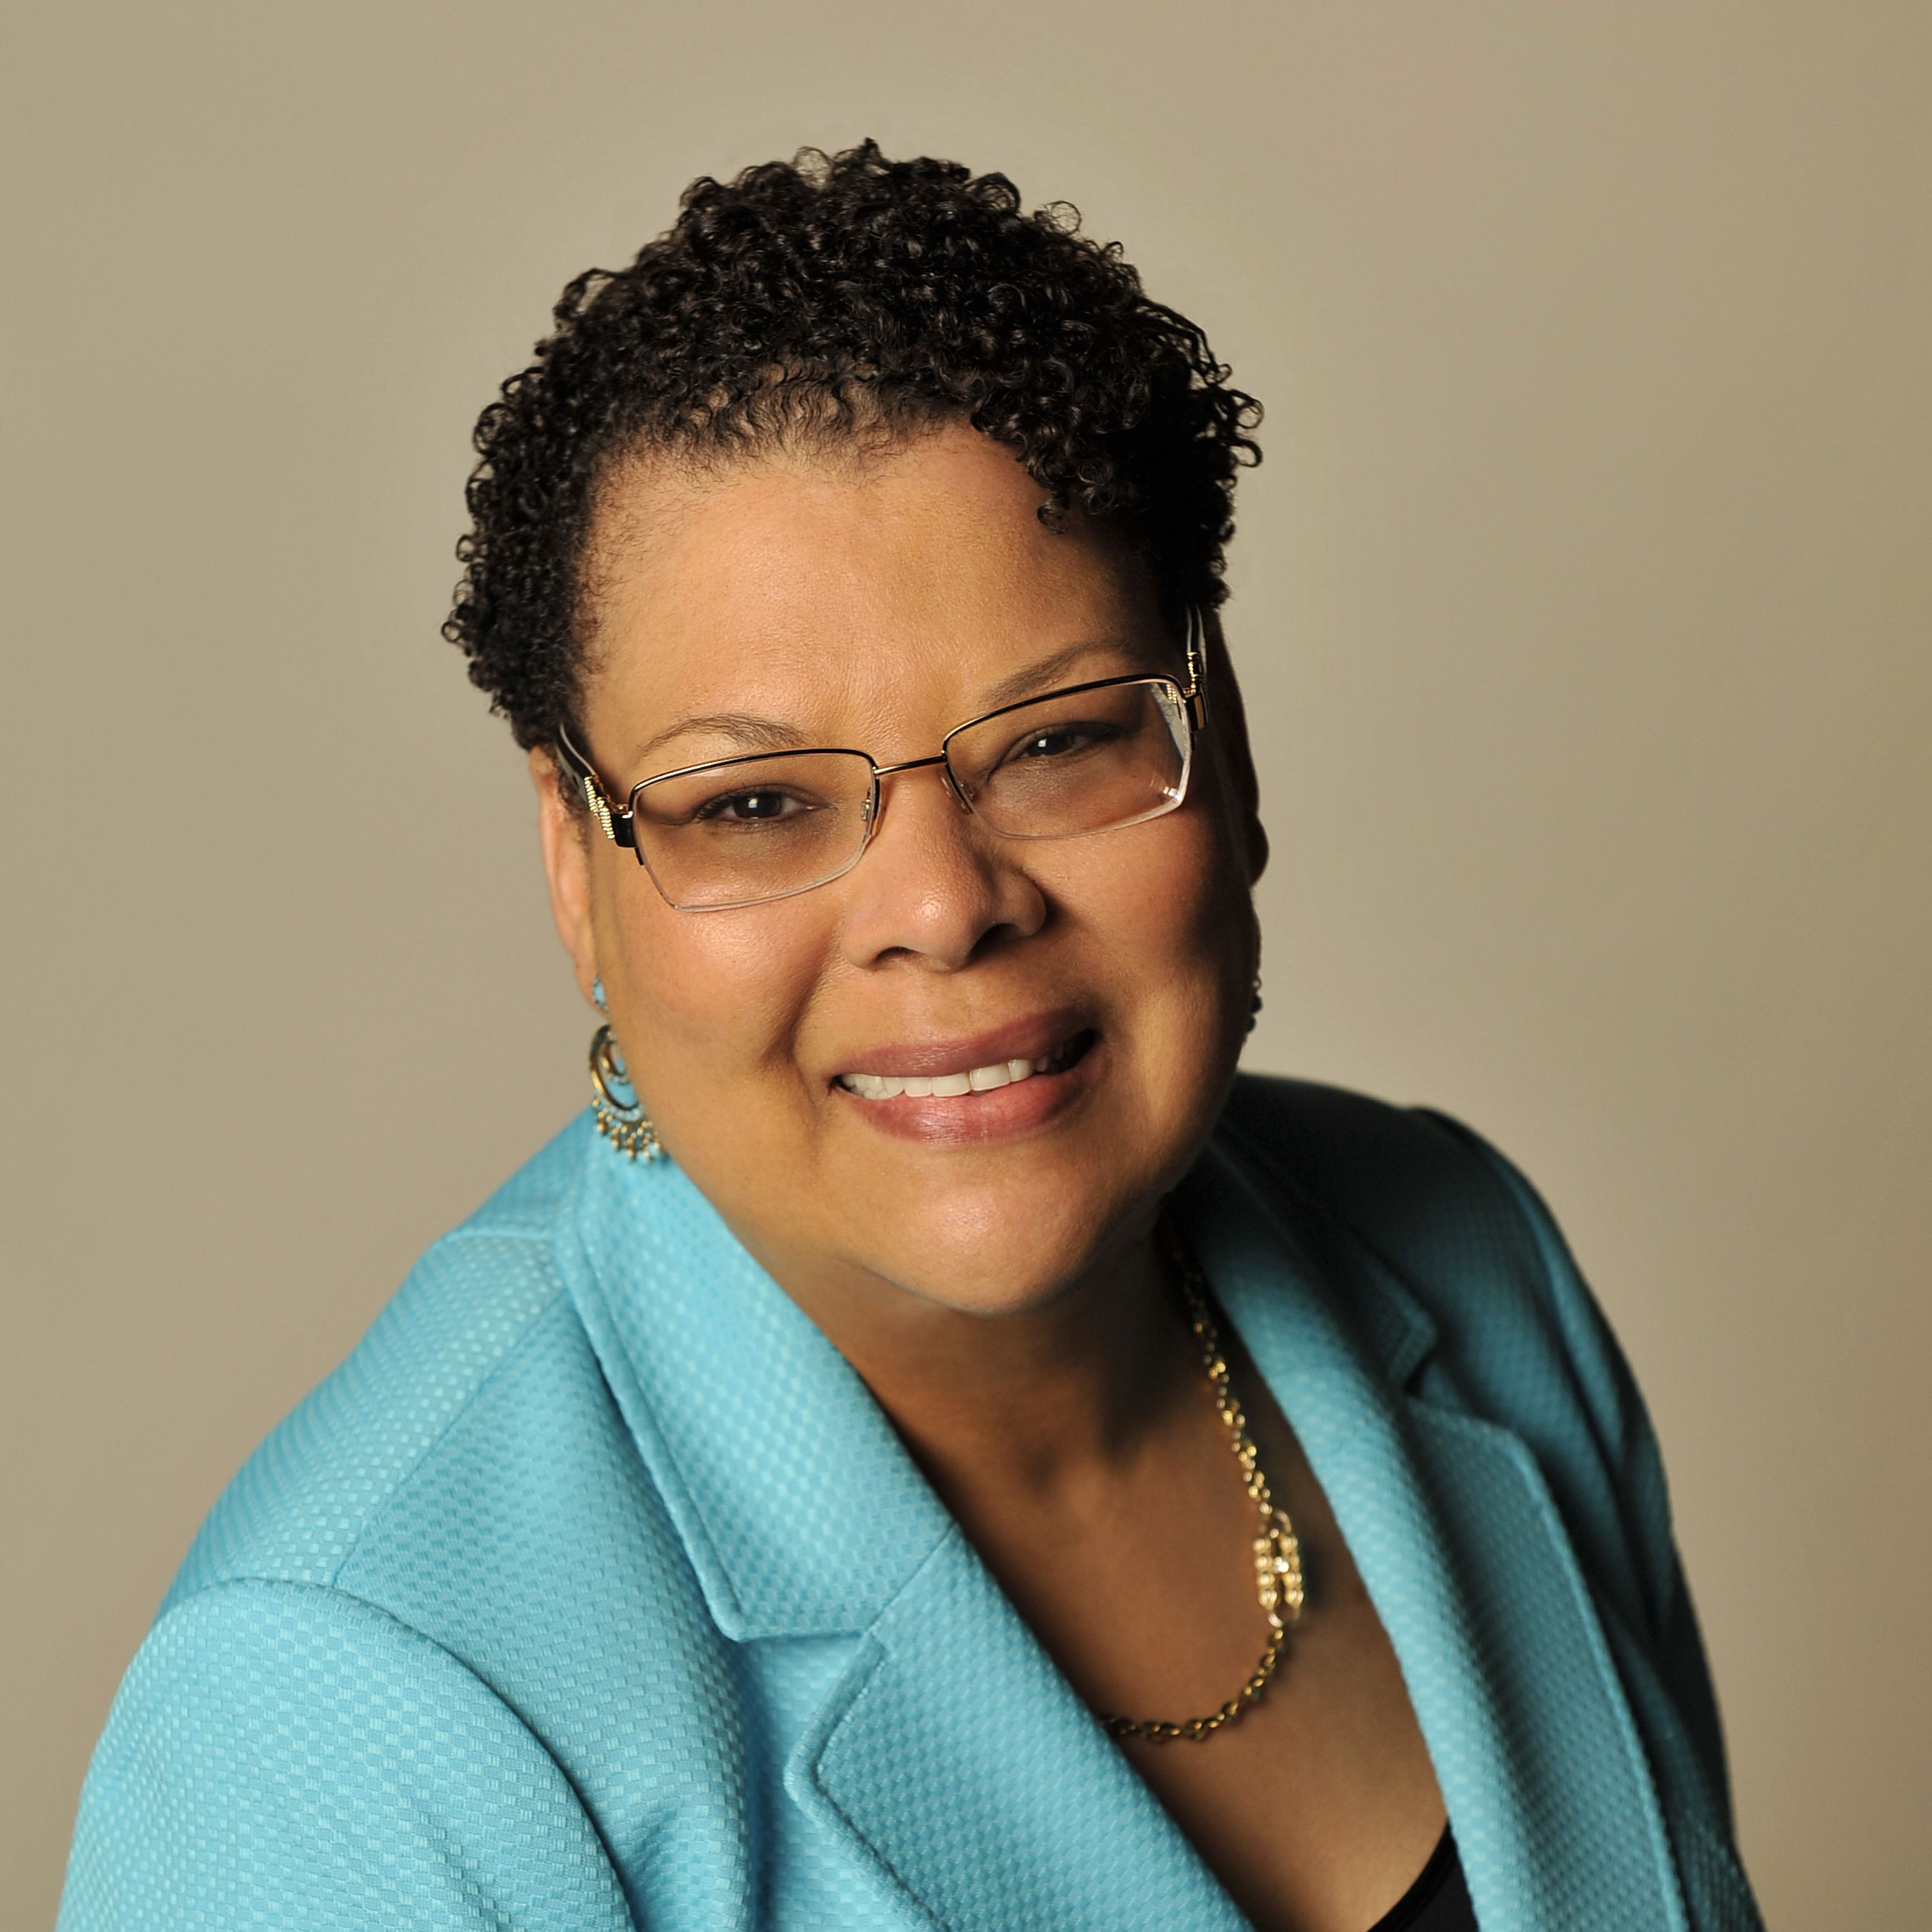 Vivian D. Nixon